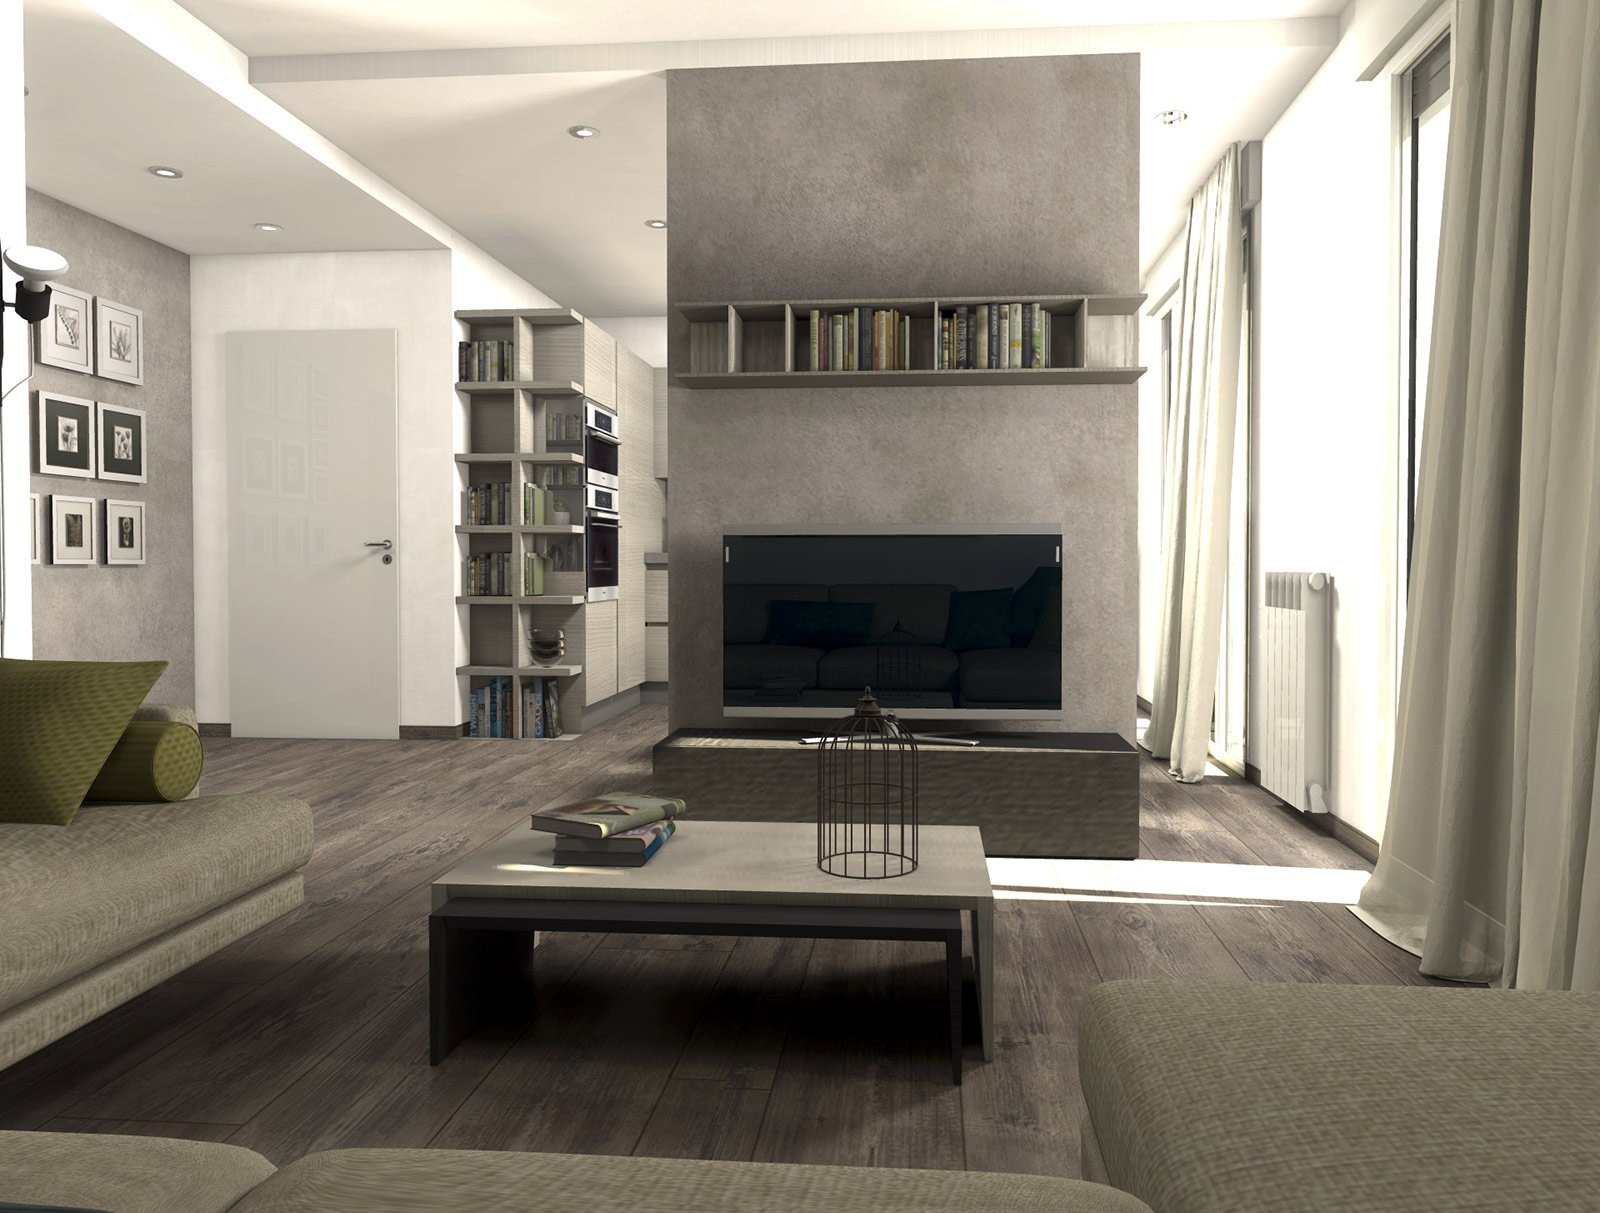 Da casa tradizionale ad abitazione moderna e attuale   cose di casa